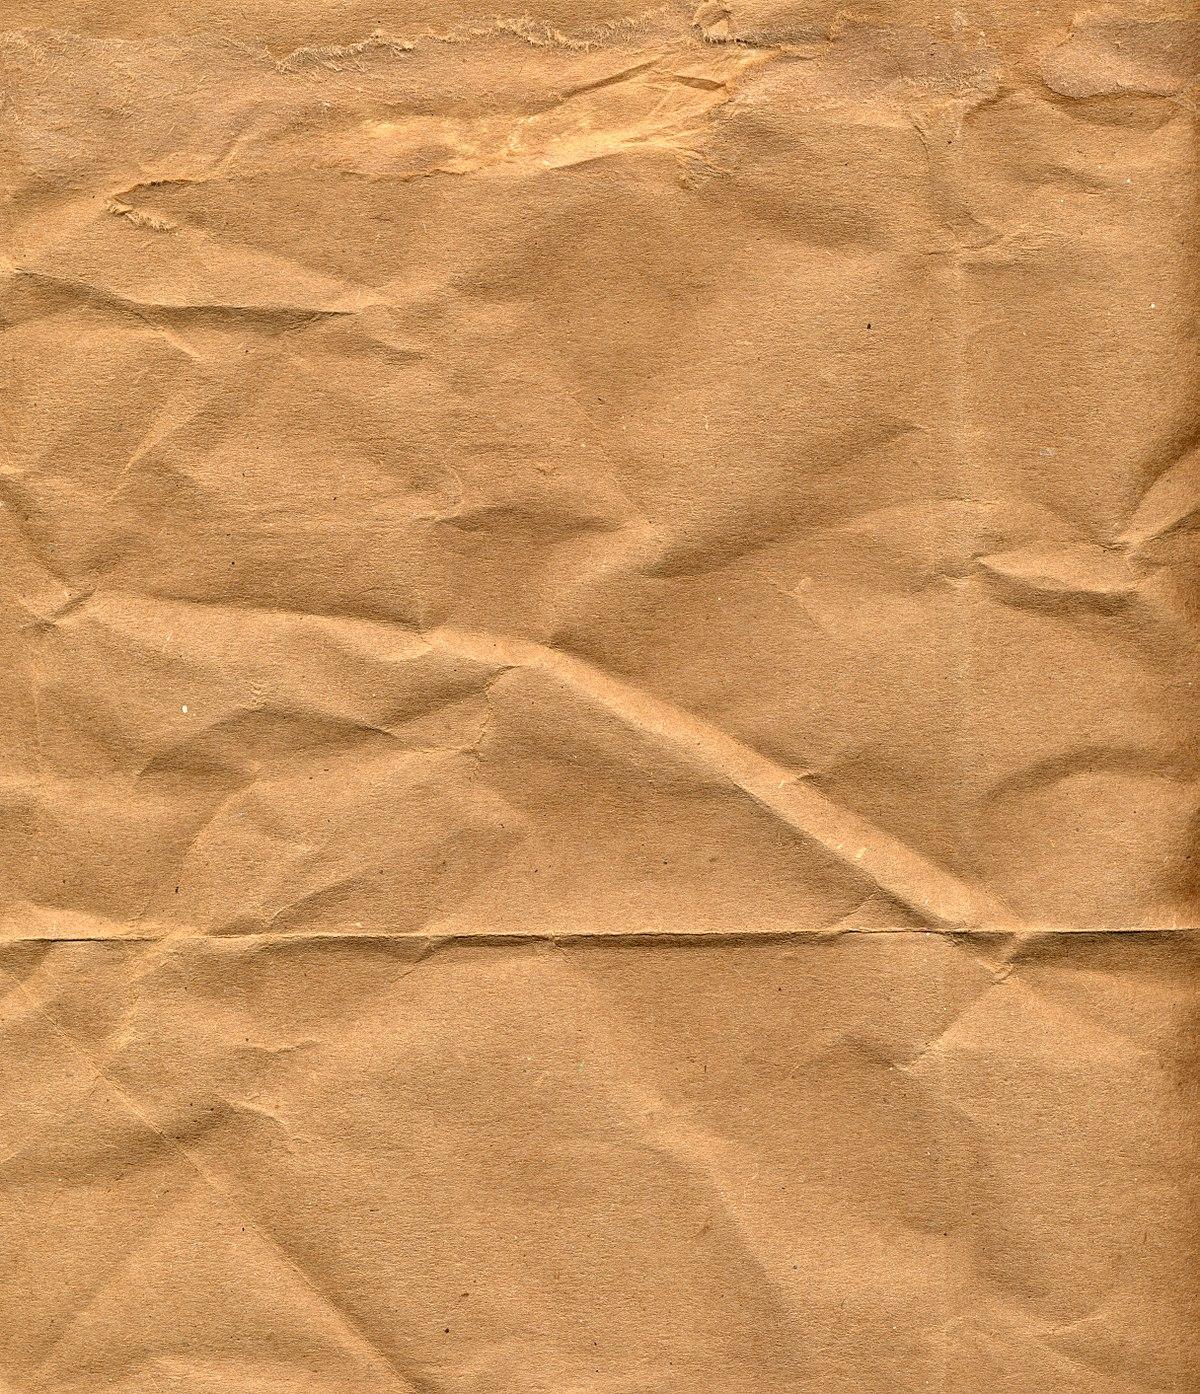 aka paper bag test